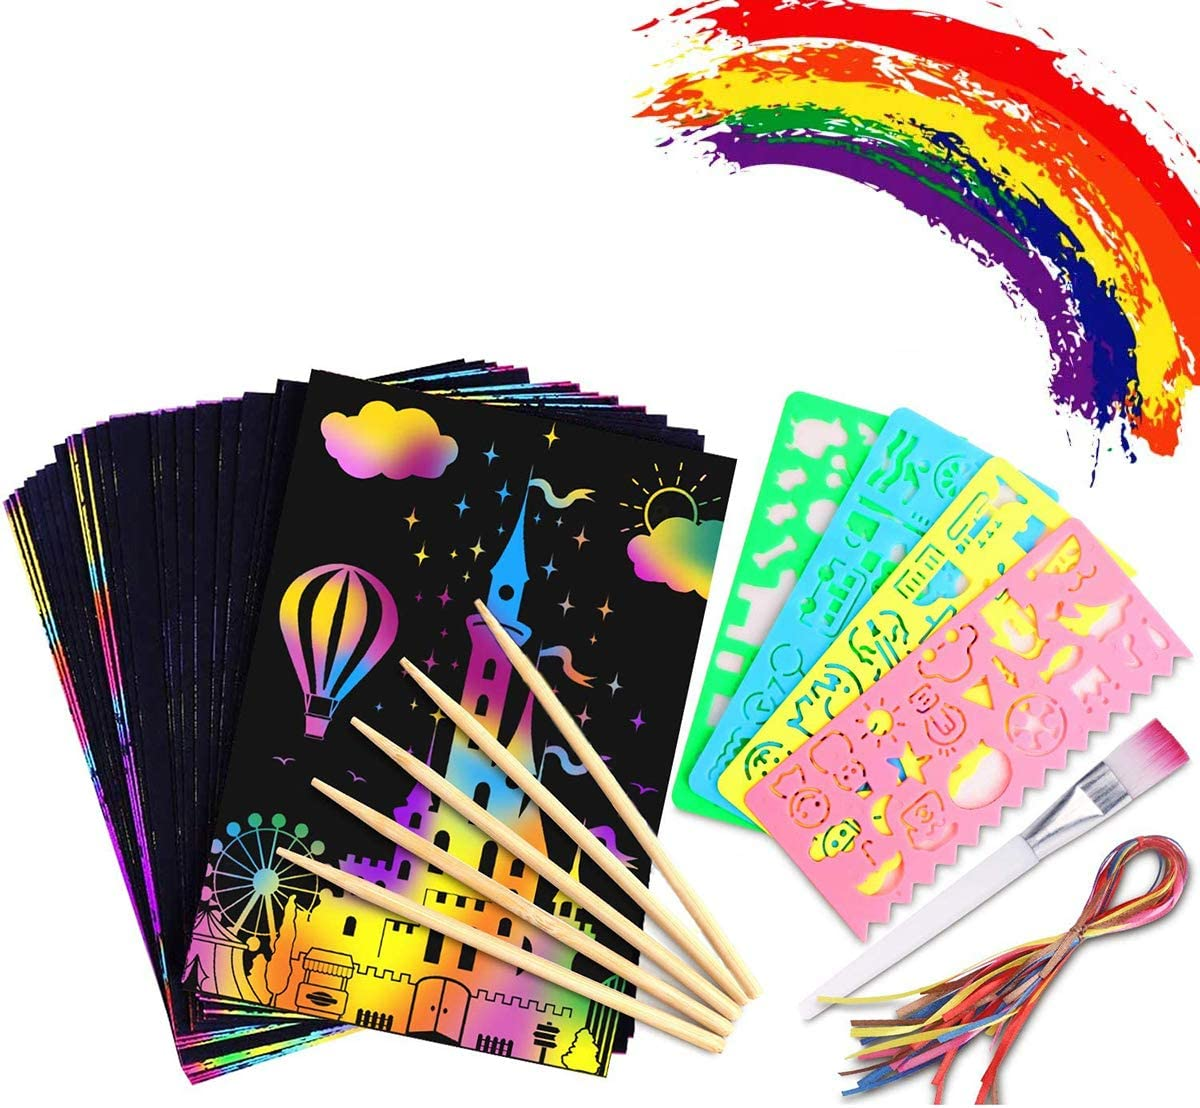 Holzstiften und Stickern 13 x 19cm 50 Gro/ße Bl/ätter Regenbogen Kratzpapier zum Zeichnen und Basteln mit Schablonen MINGJING Kratzbilder Set f/ür Kinder,Kratzpapier Set